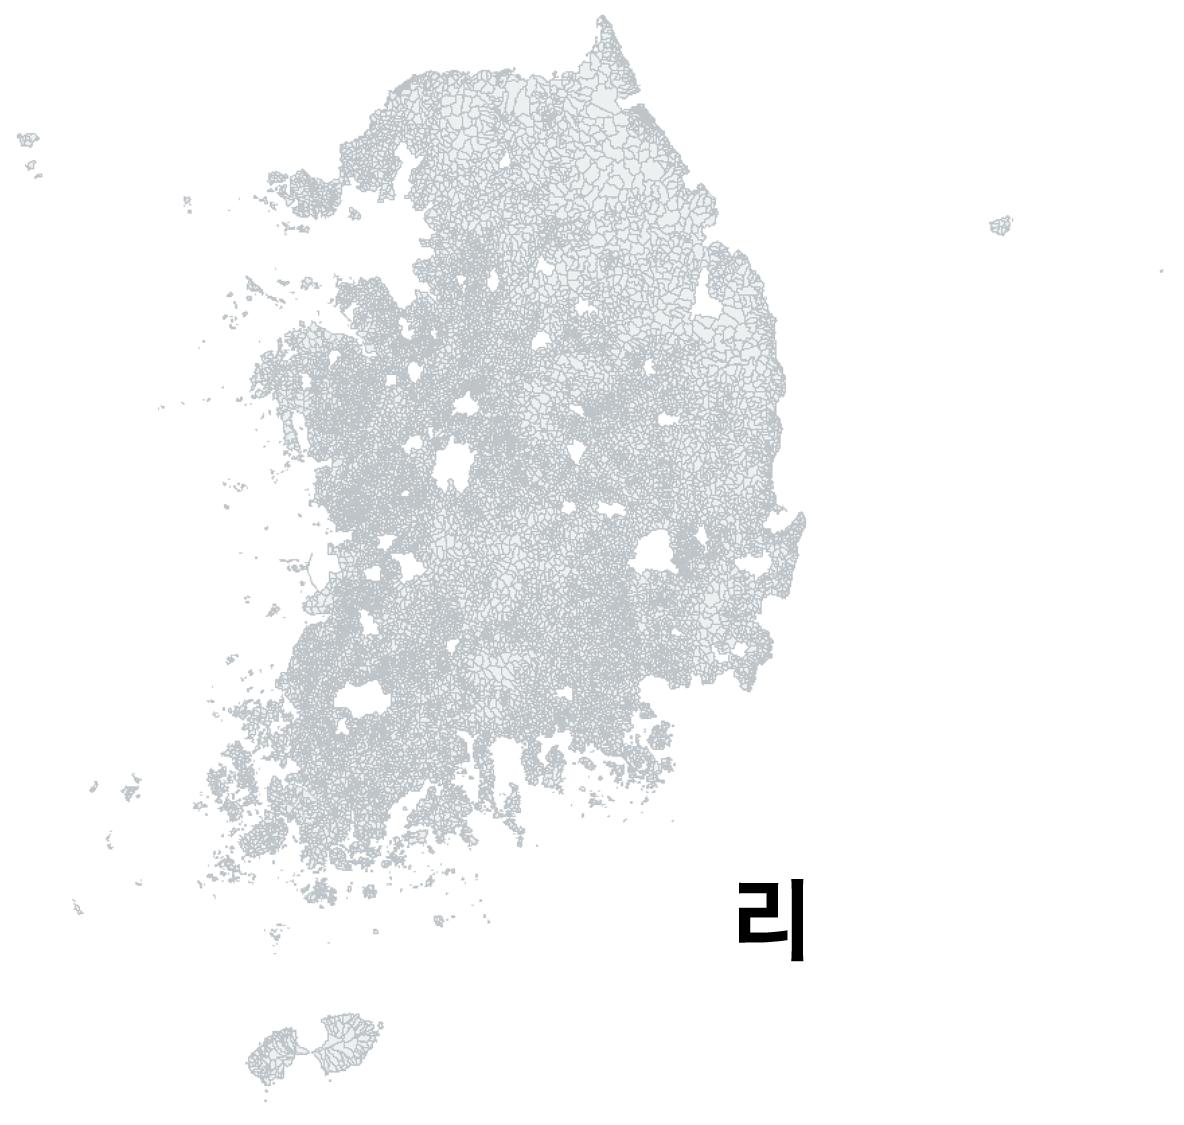 한국 행정구역 리